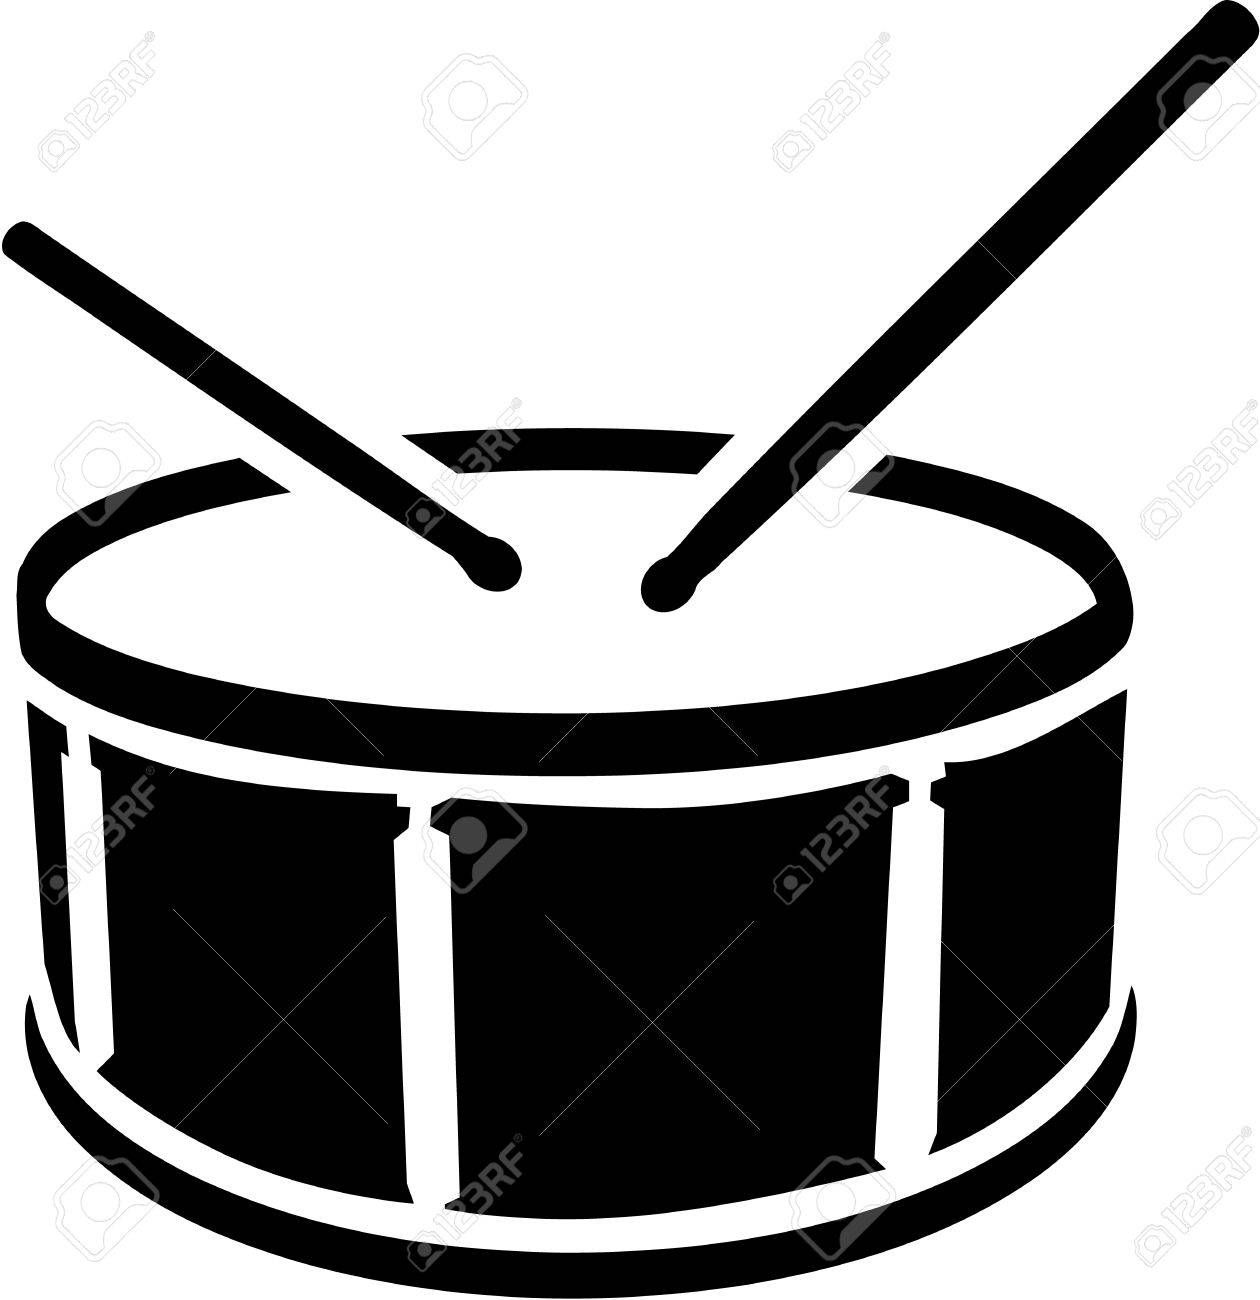 Drum symbol with sticks - 43622450